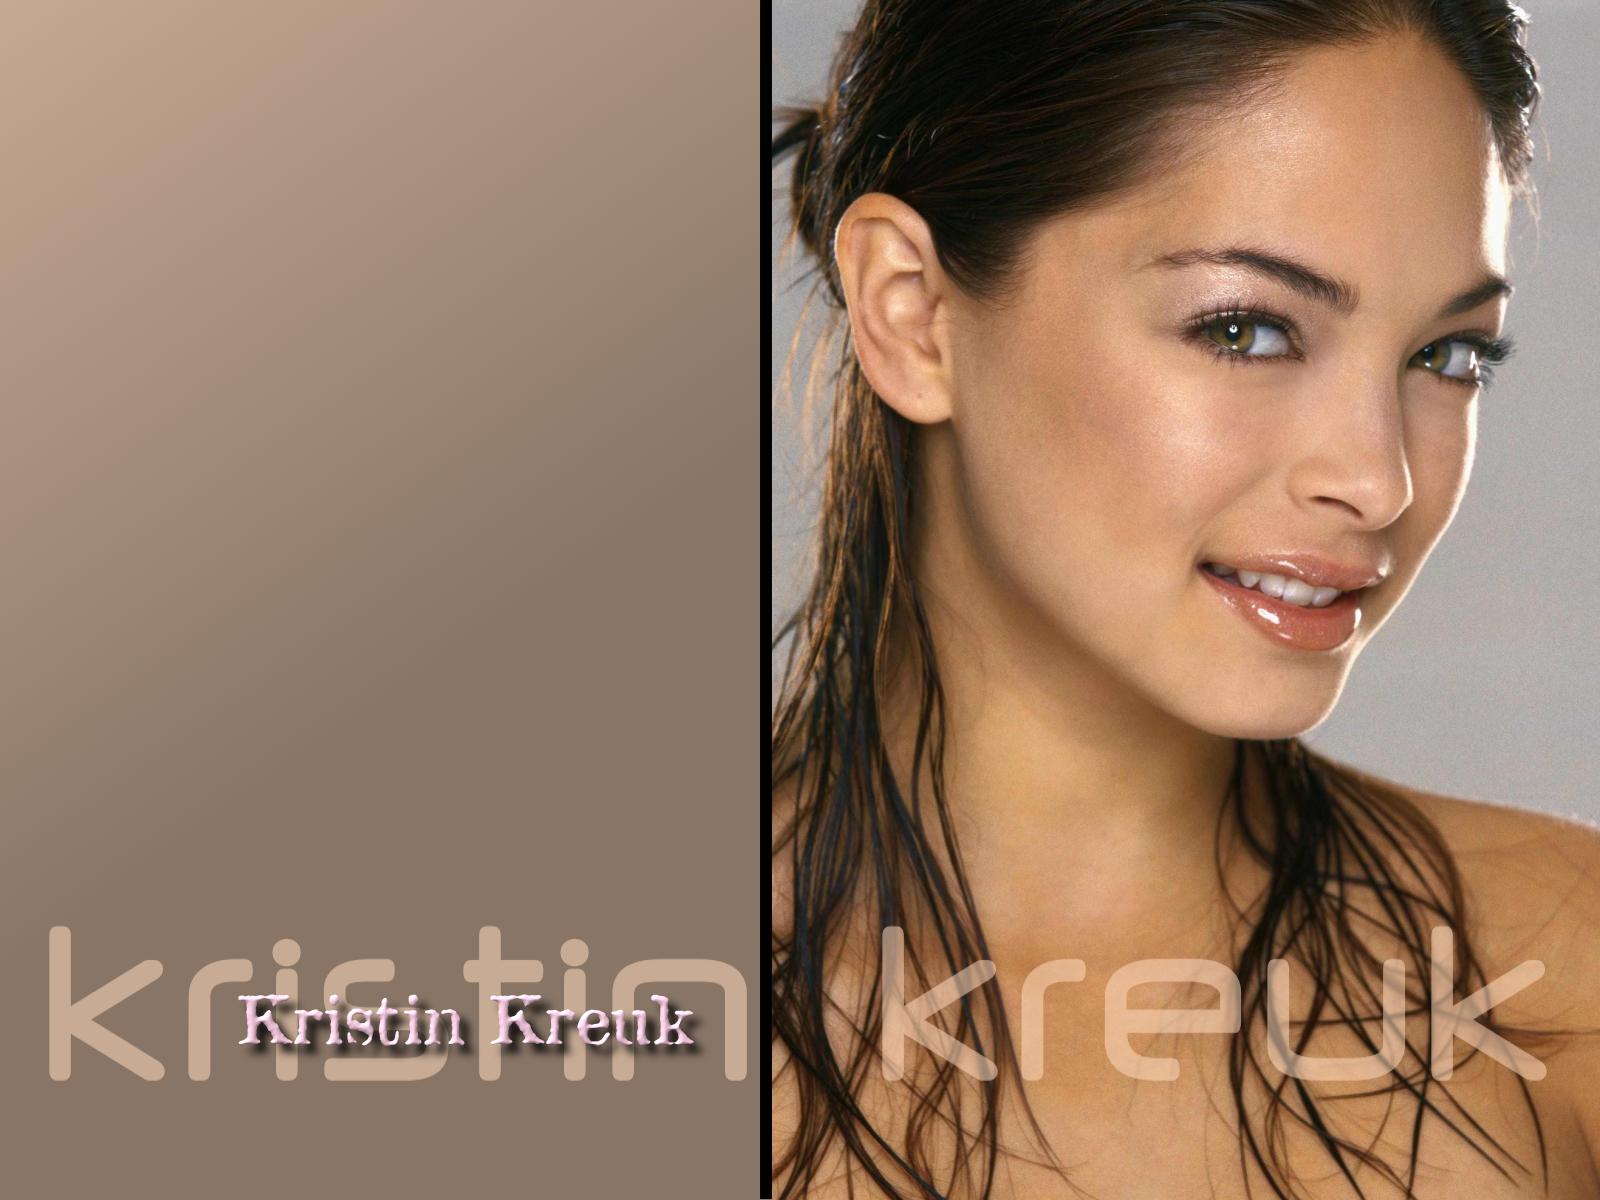 http://www.feroxy.com/wallpaper/kristin_kreuk/kristin_kreuk_wp1_1600x1200.png